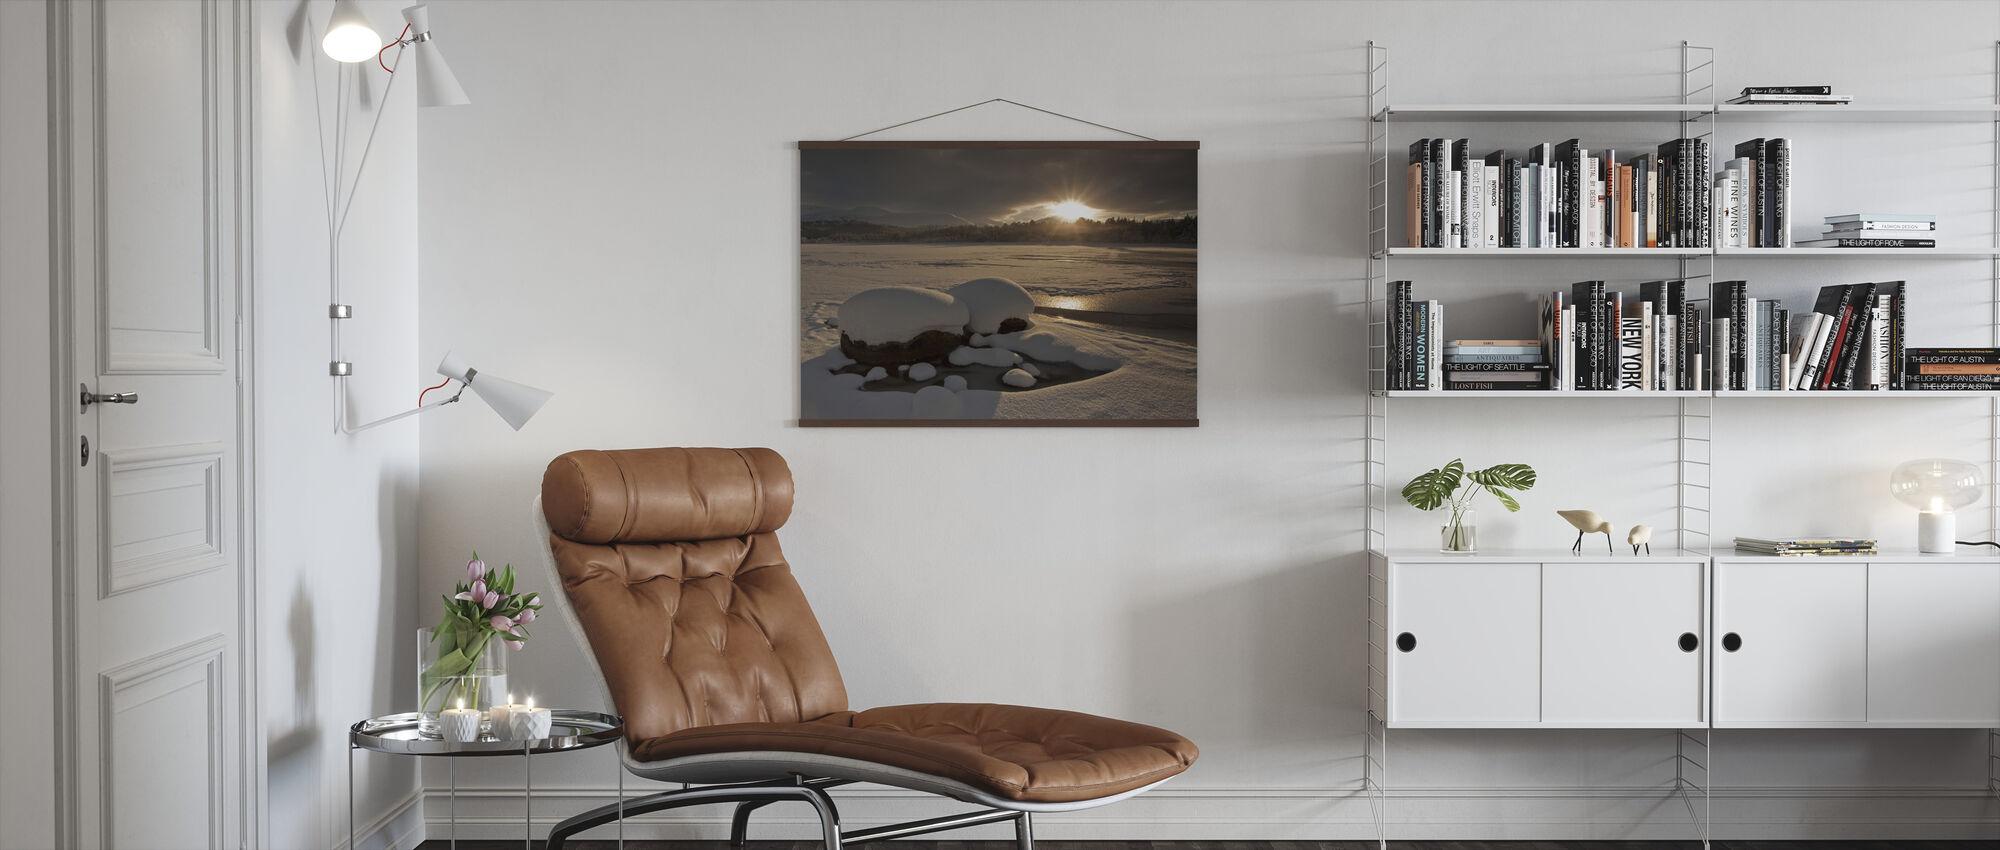 Loch Morlich Frozen Over - Poster - Living Room